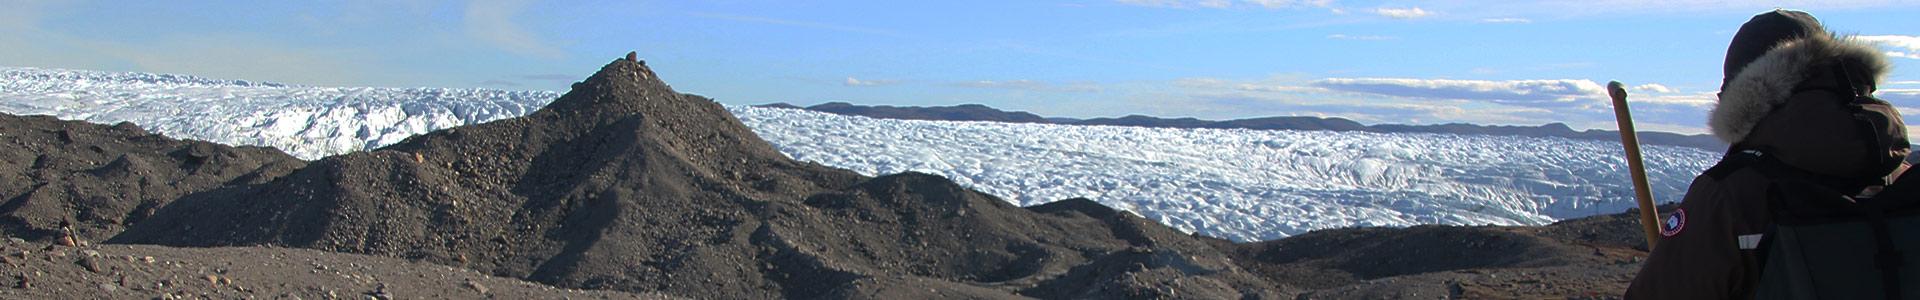 Klimaændringer i Grønland